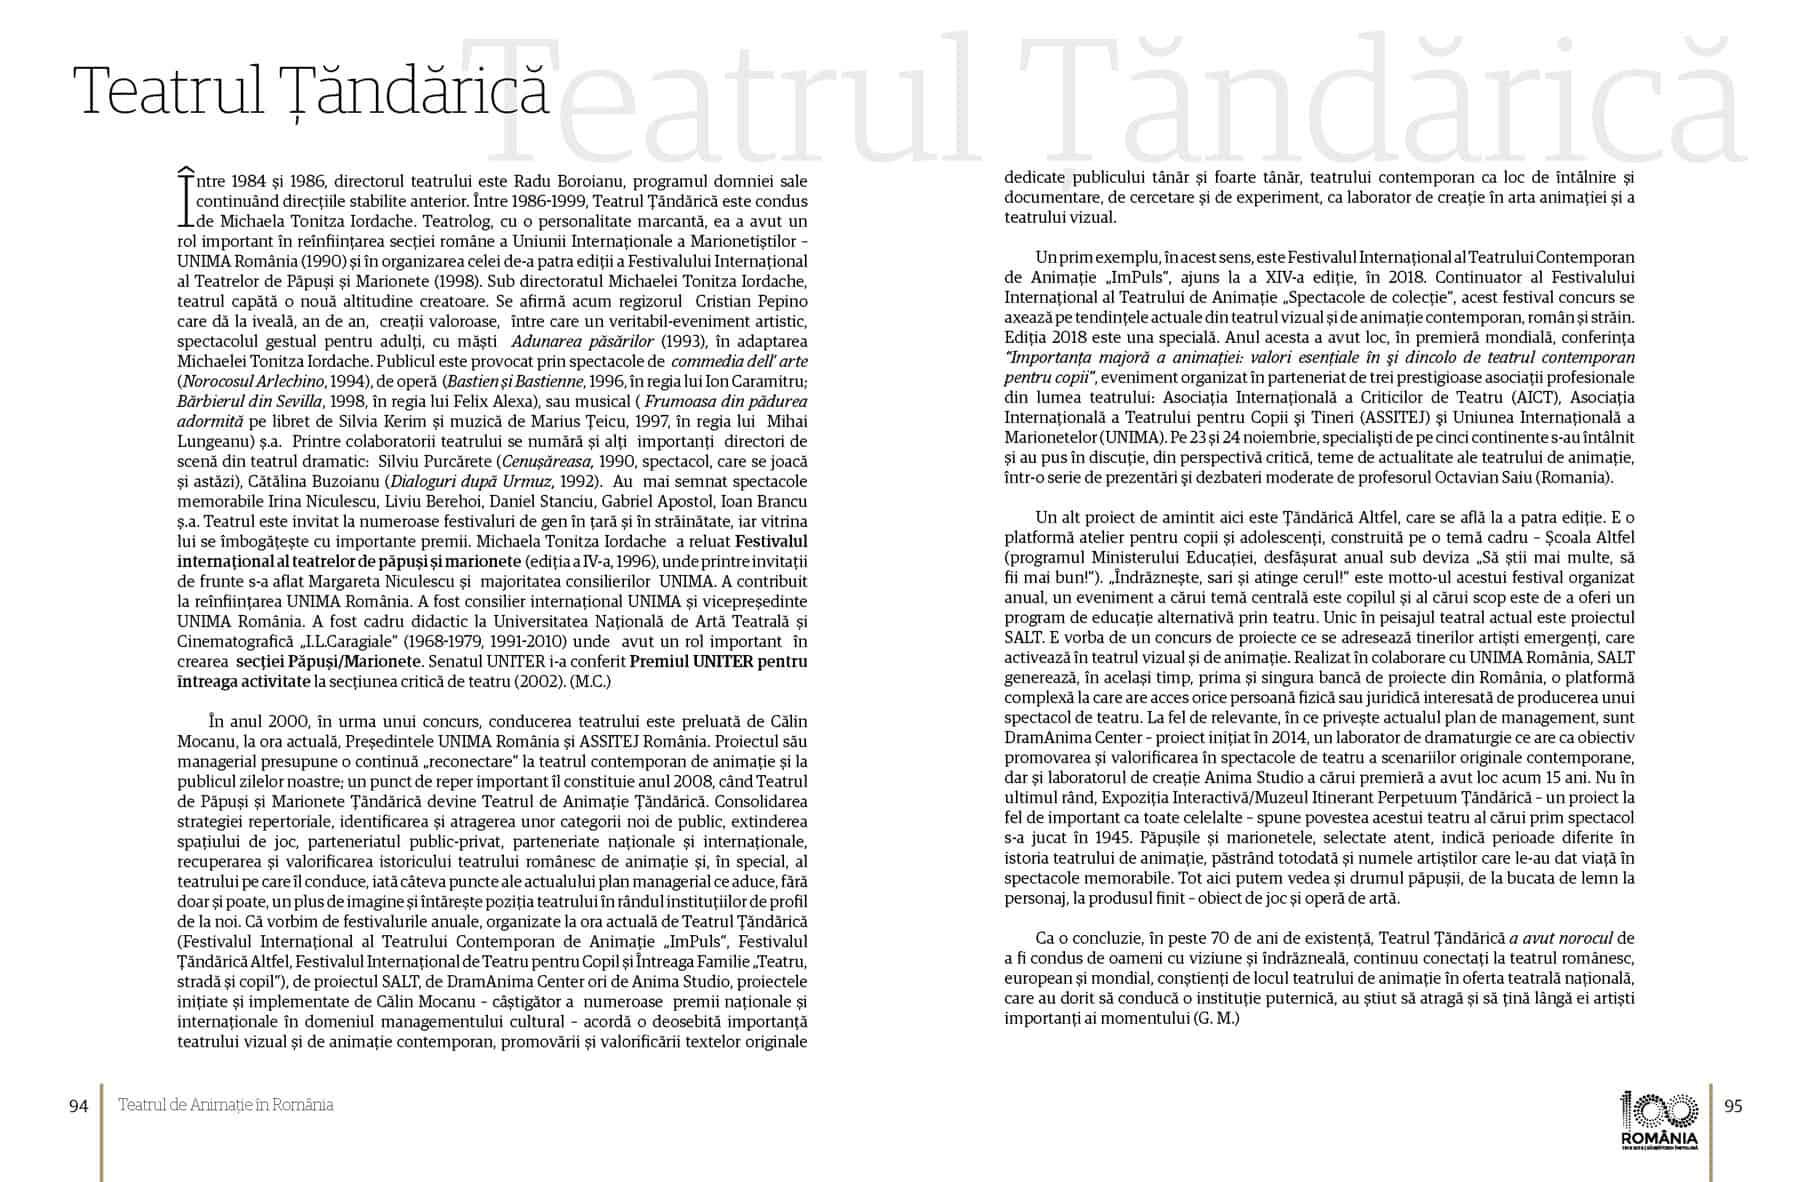 Album Teatrul de Animatie in Romania final preview fata in fata Page 48